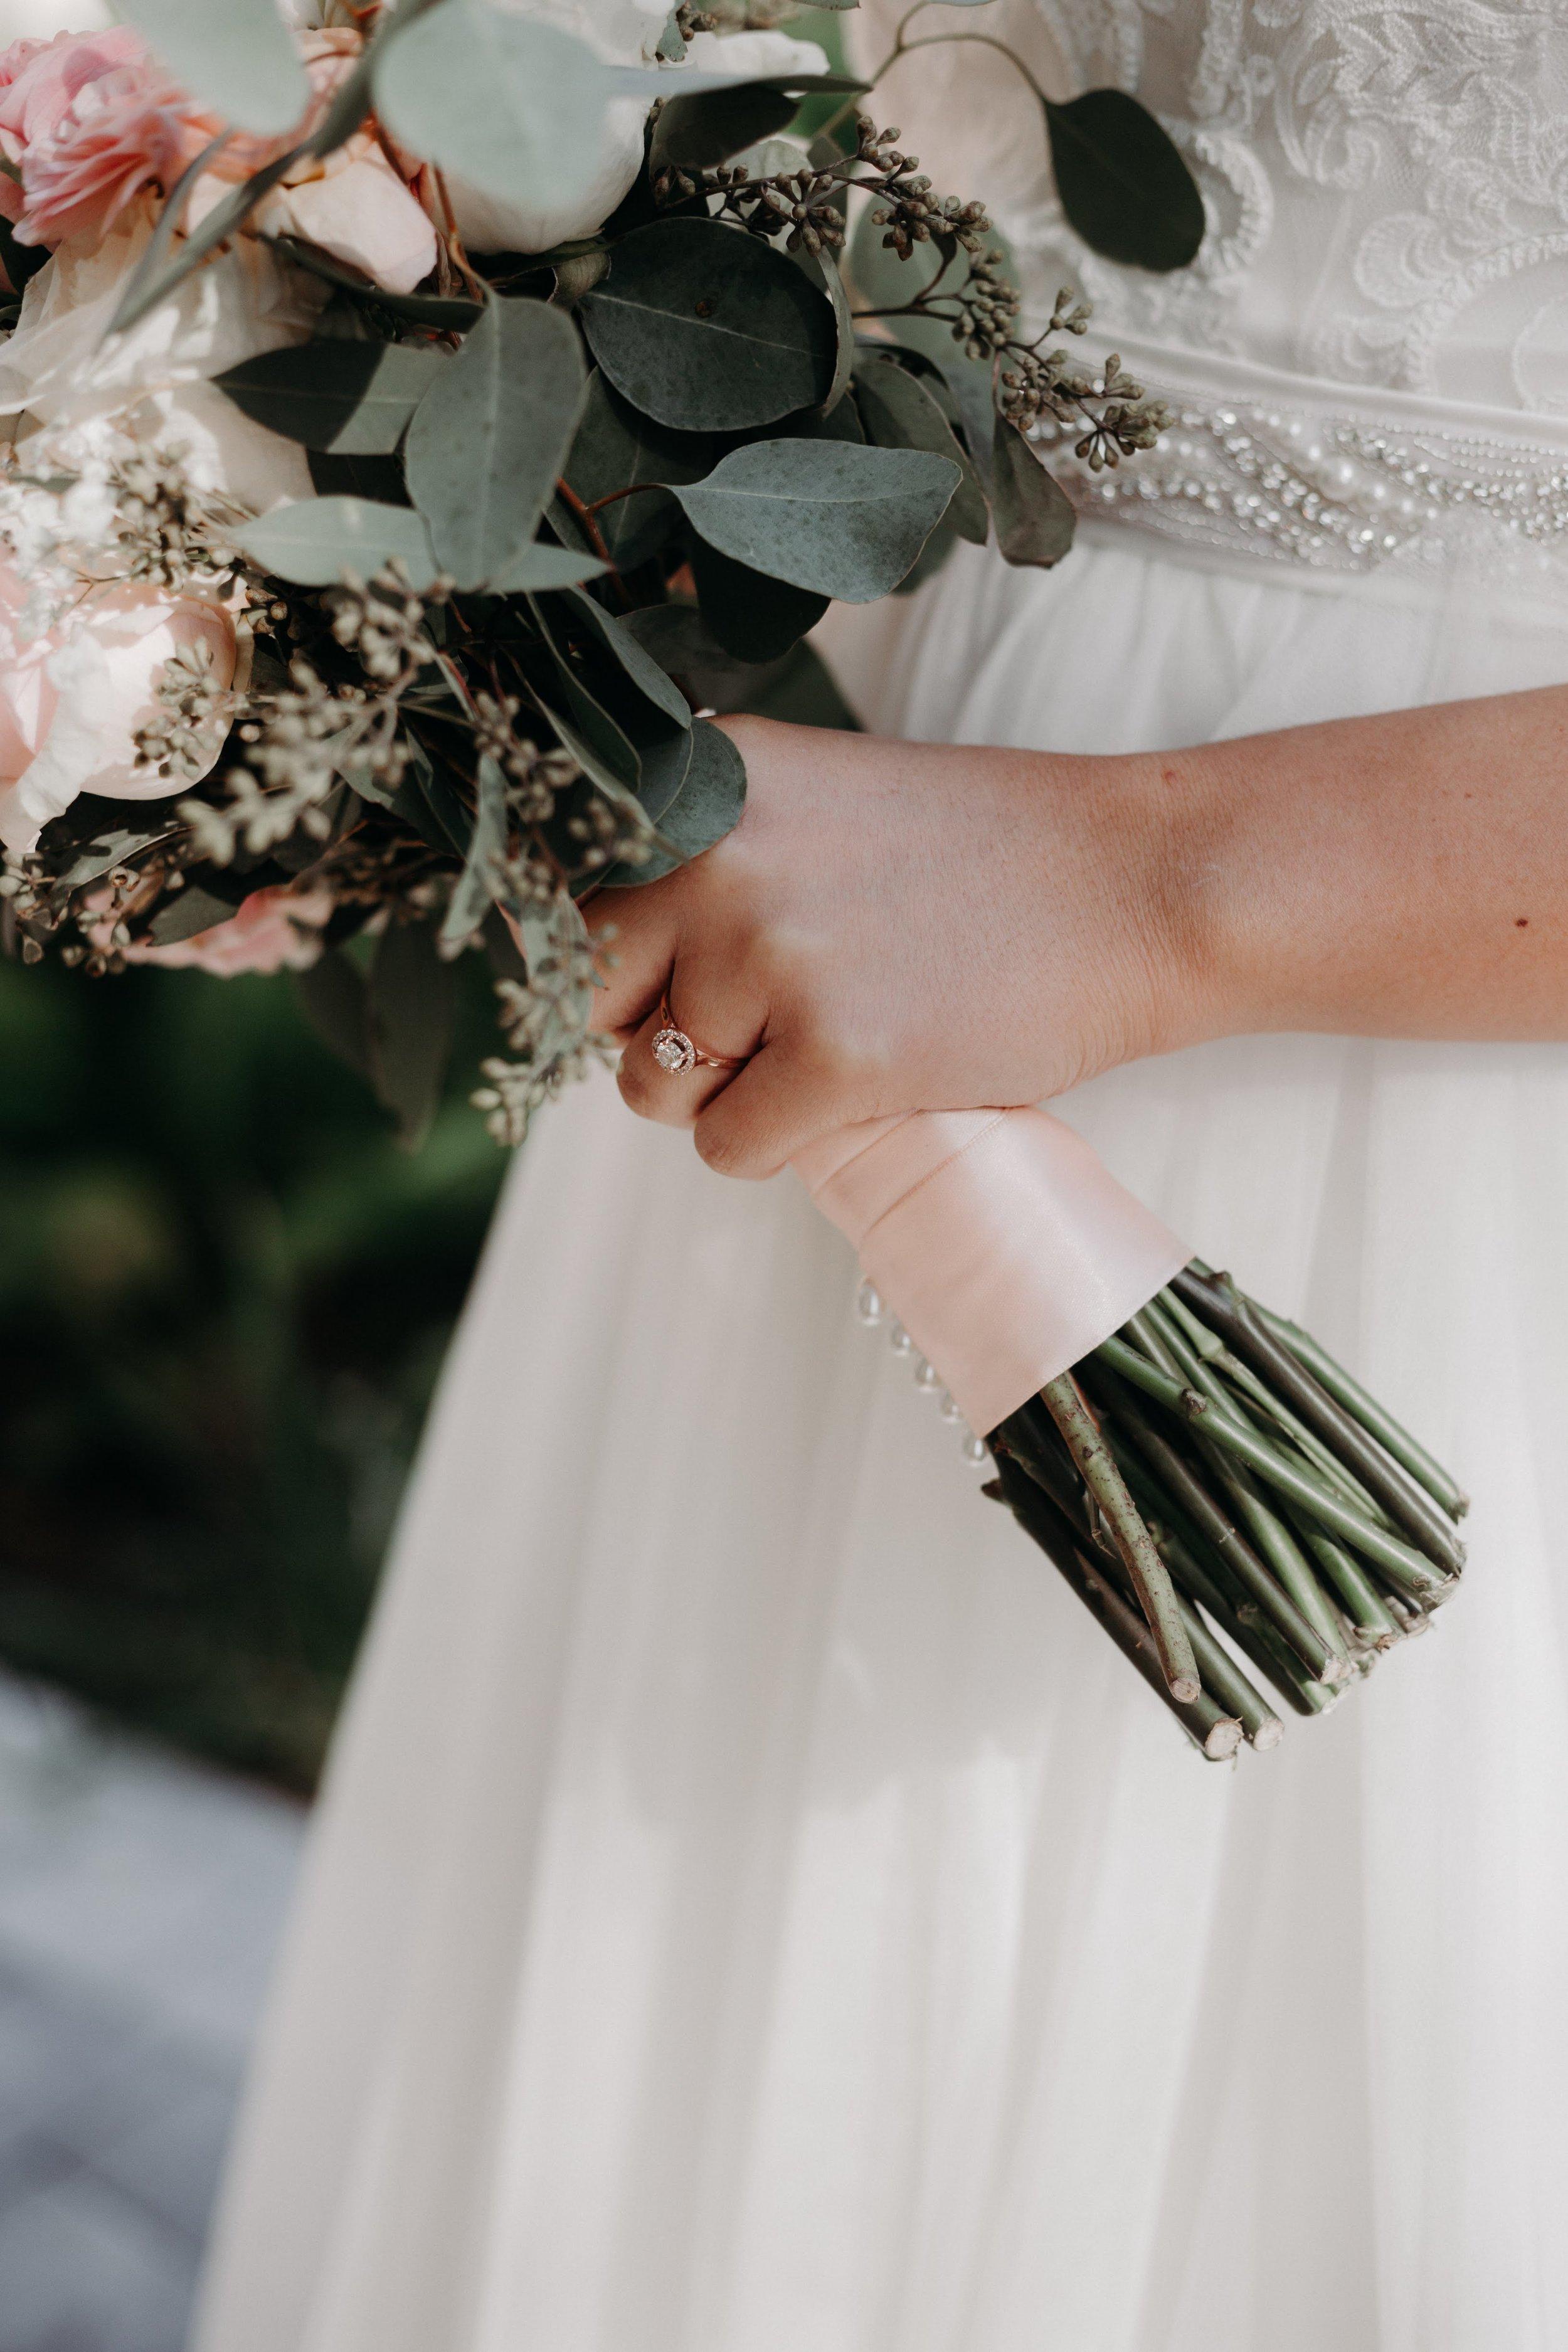 Israel + Celeste - Wedding Florals - Floral Design - Ashley Hur - Hip Hip Hooray Dot Love